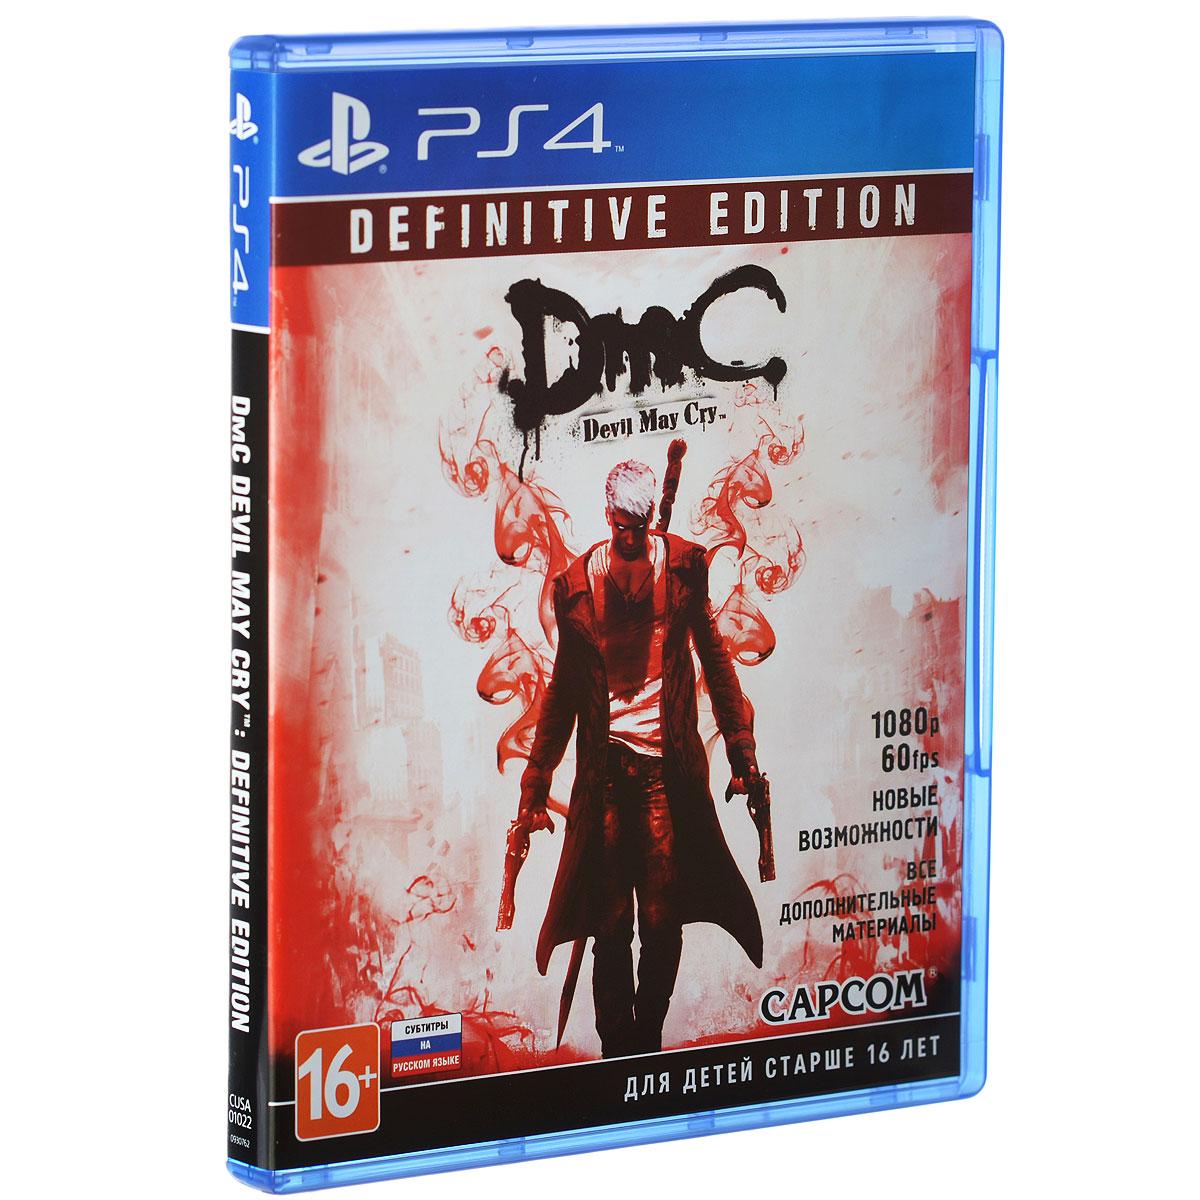 DmC Devil May Cry. Definitive EditionDmC Devil May Cry: Definitive Edition - это знаменитый ураганный экшен в наилучшем качестве, все загружаемые дополнения к нему (в том числе сюжетная глава Virgils Downfall), а также несколько совершенно новых материалов. Возможности консолей нового поколения PlayStation 4 и Xbox One максимально раскрывают потенциал DmC Devil May Cry в разрешении 1080р с частотой смены кадров 60 fps. Уже ставший культовым демоноборческий экшен в исполнении британской студии Ninja Theory рассказывает совершенно новую историю становления героя. Пока Данте - всего лишь подросток, презирающий власть и любые законы. Он уже знает о своей сверхъестественной сути, хотя и не спешит примыкать к демонам, которые изрядно успели попортить ему жизнь. Изгой между двумя мирами, он вынужден сражаться против всех. Но совсем скоро - и не без участия своего брата-близнеца Вергилия - Данте поймет, что значит быть наполовину ангелом, наполовину демоном… Издание DmC Devil May Cry:...